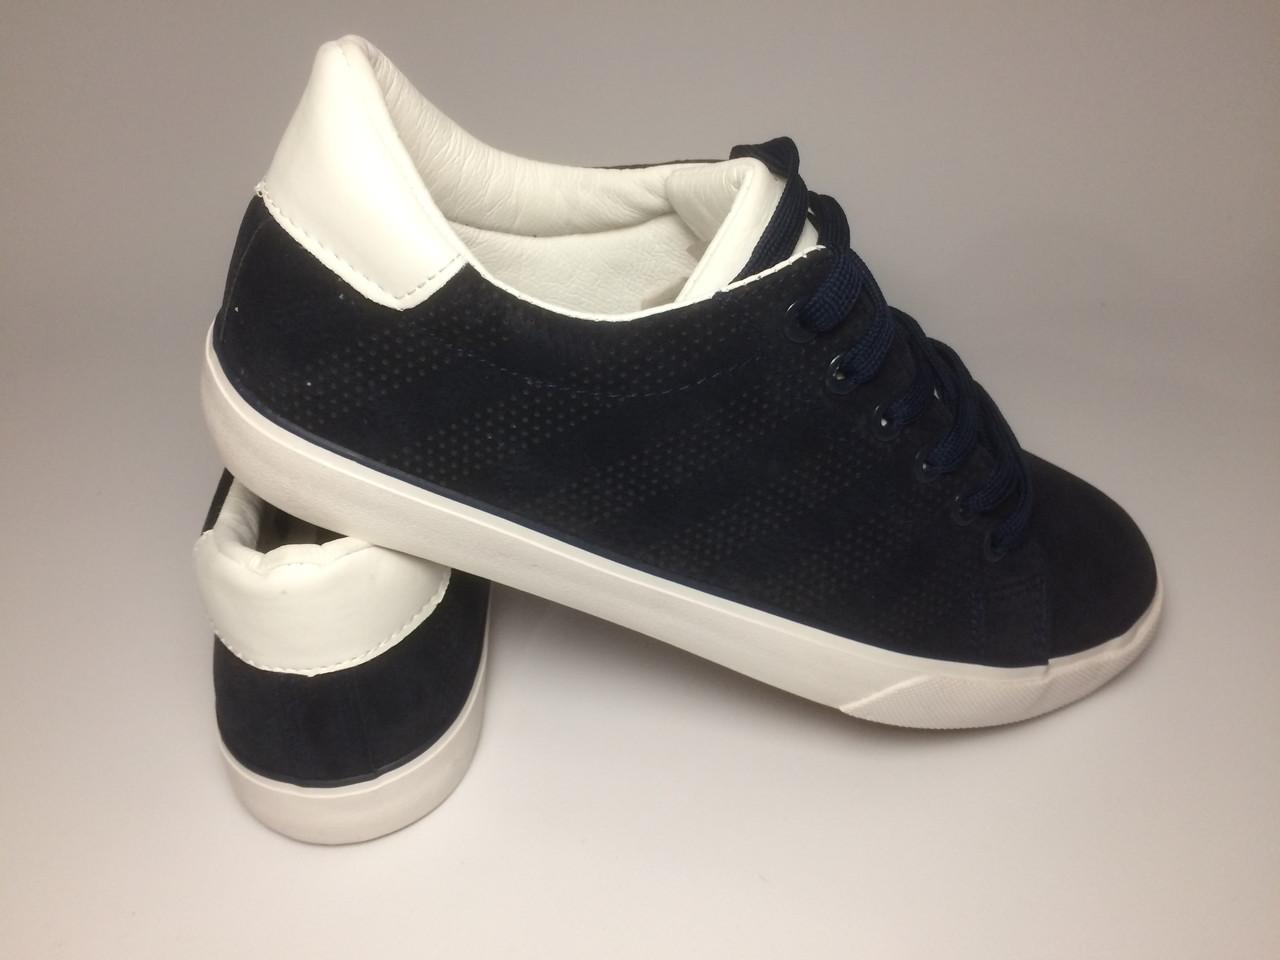 Летние темно-синие кеды мужские кроссовки   Кросівки кеди чоловічі темно- сині - KVARTAL 93c9734faccf3